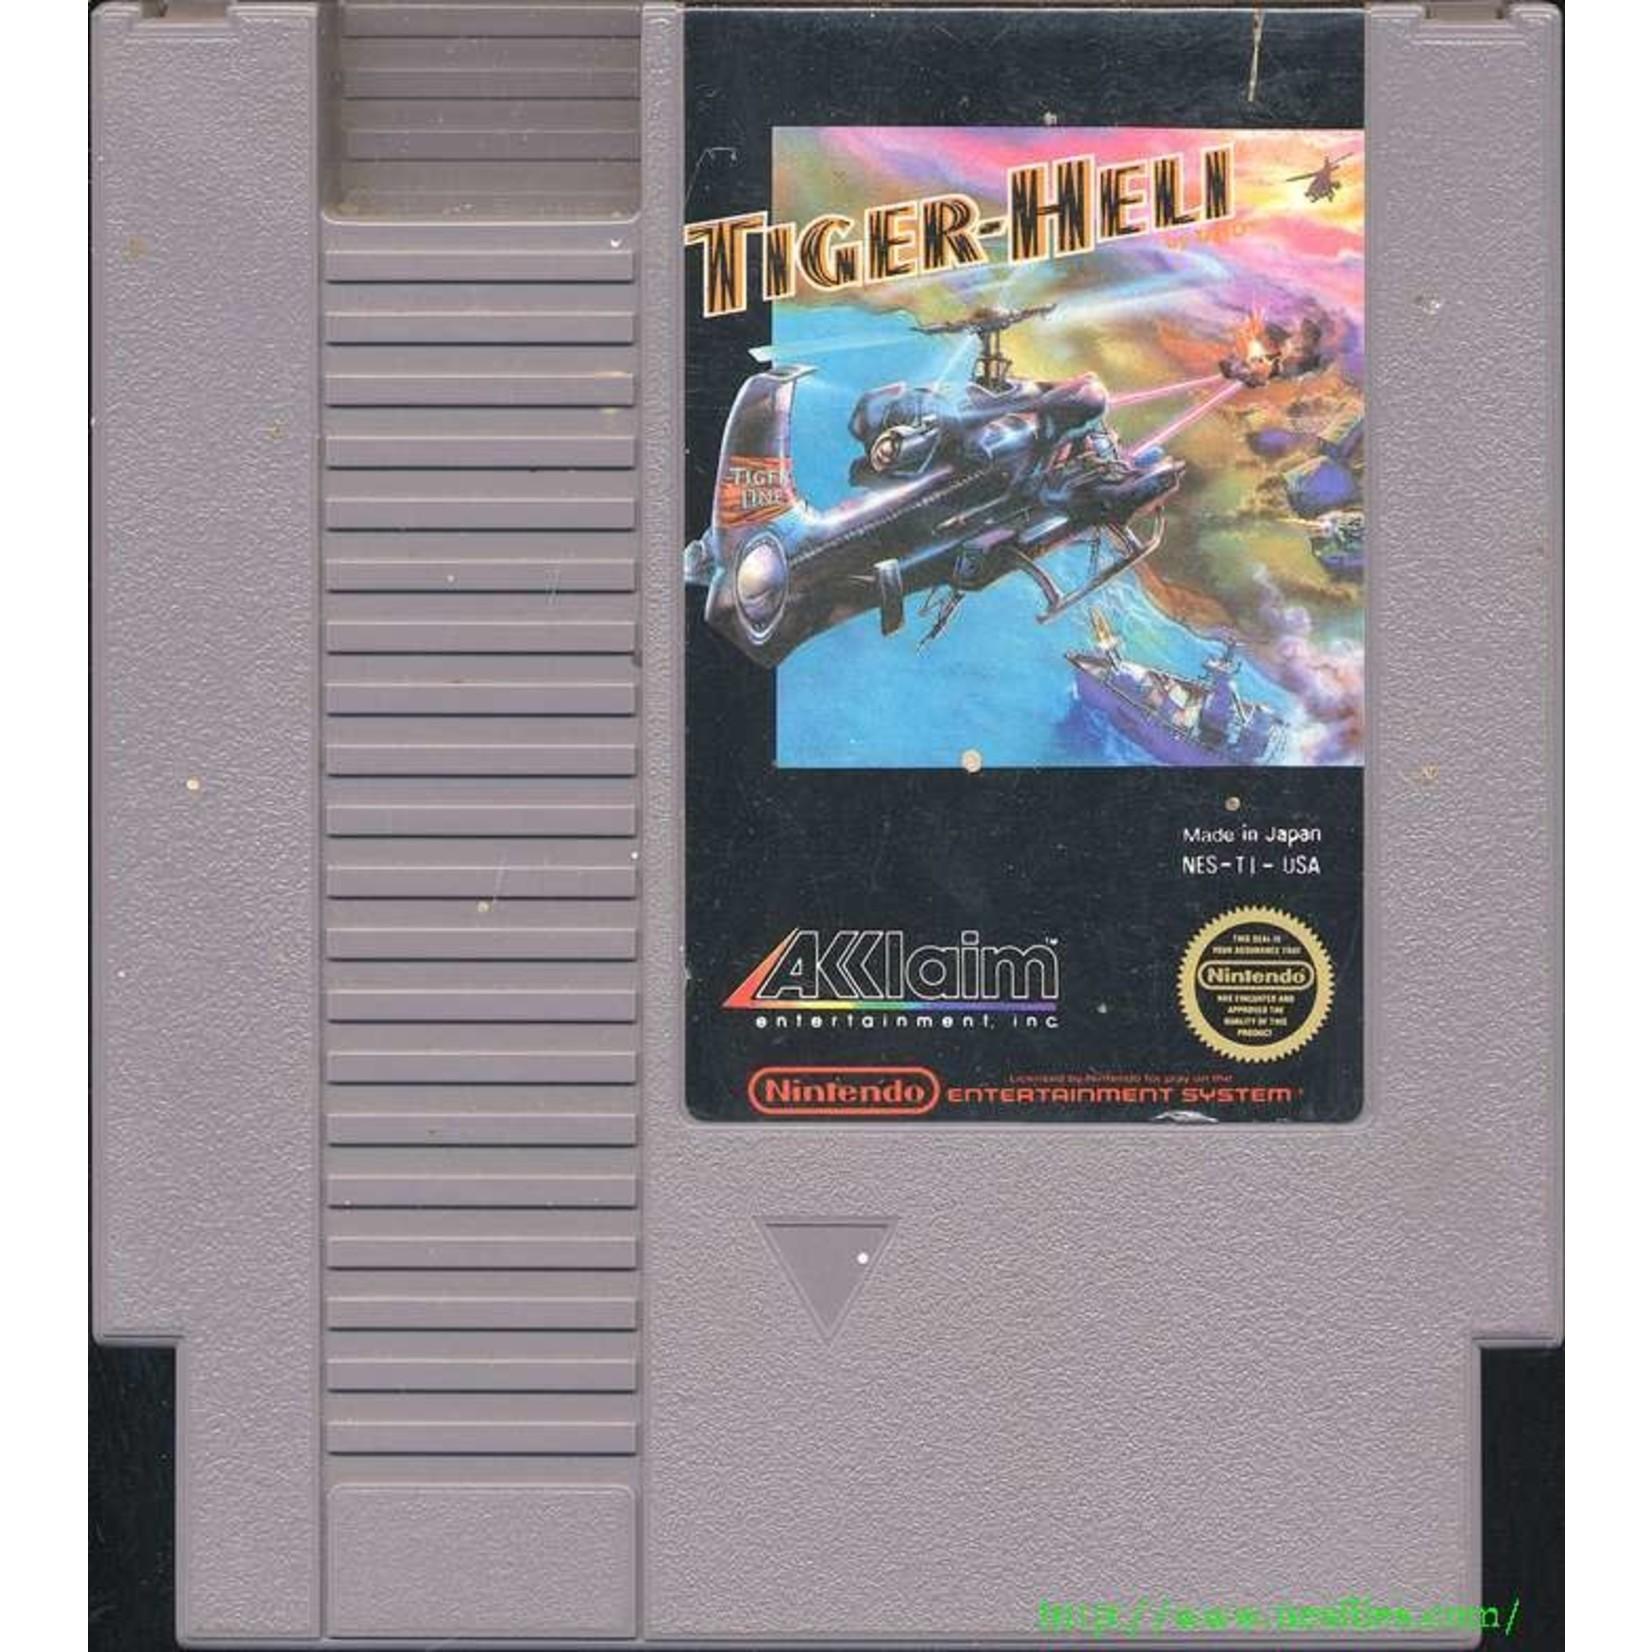 Tiger-Heli (NES)